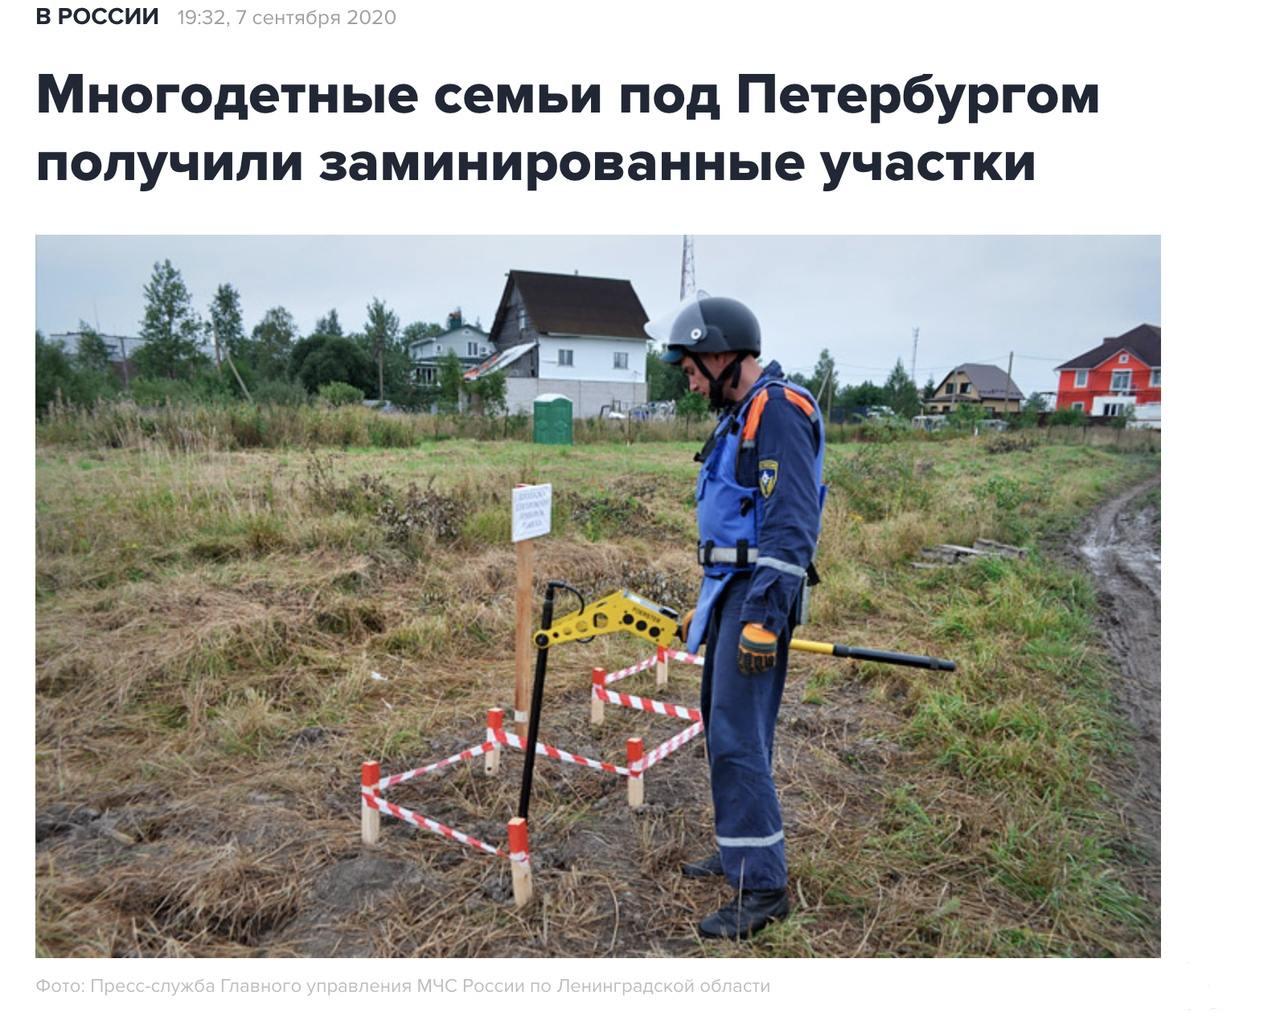 134465 - А в России чудеса!